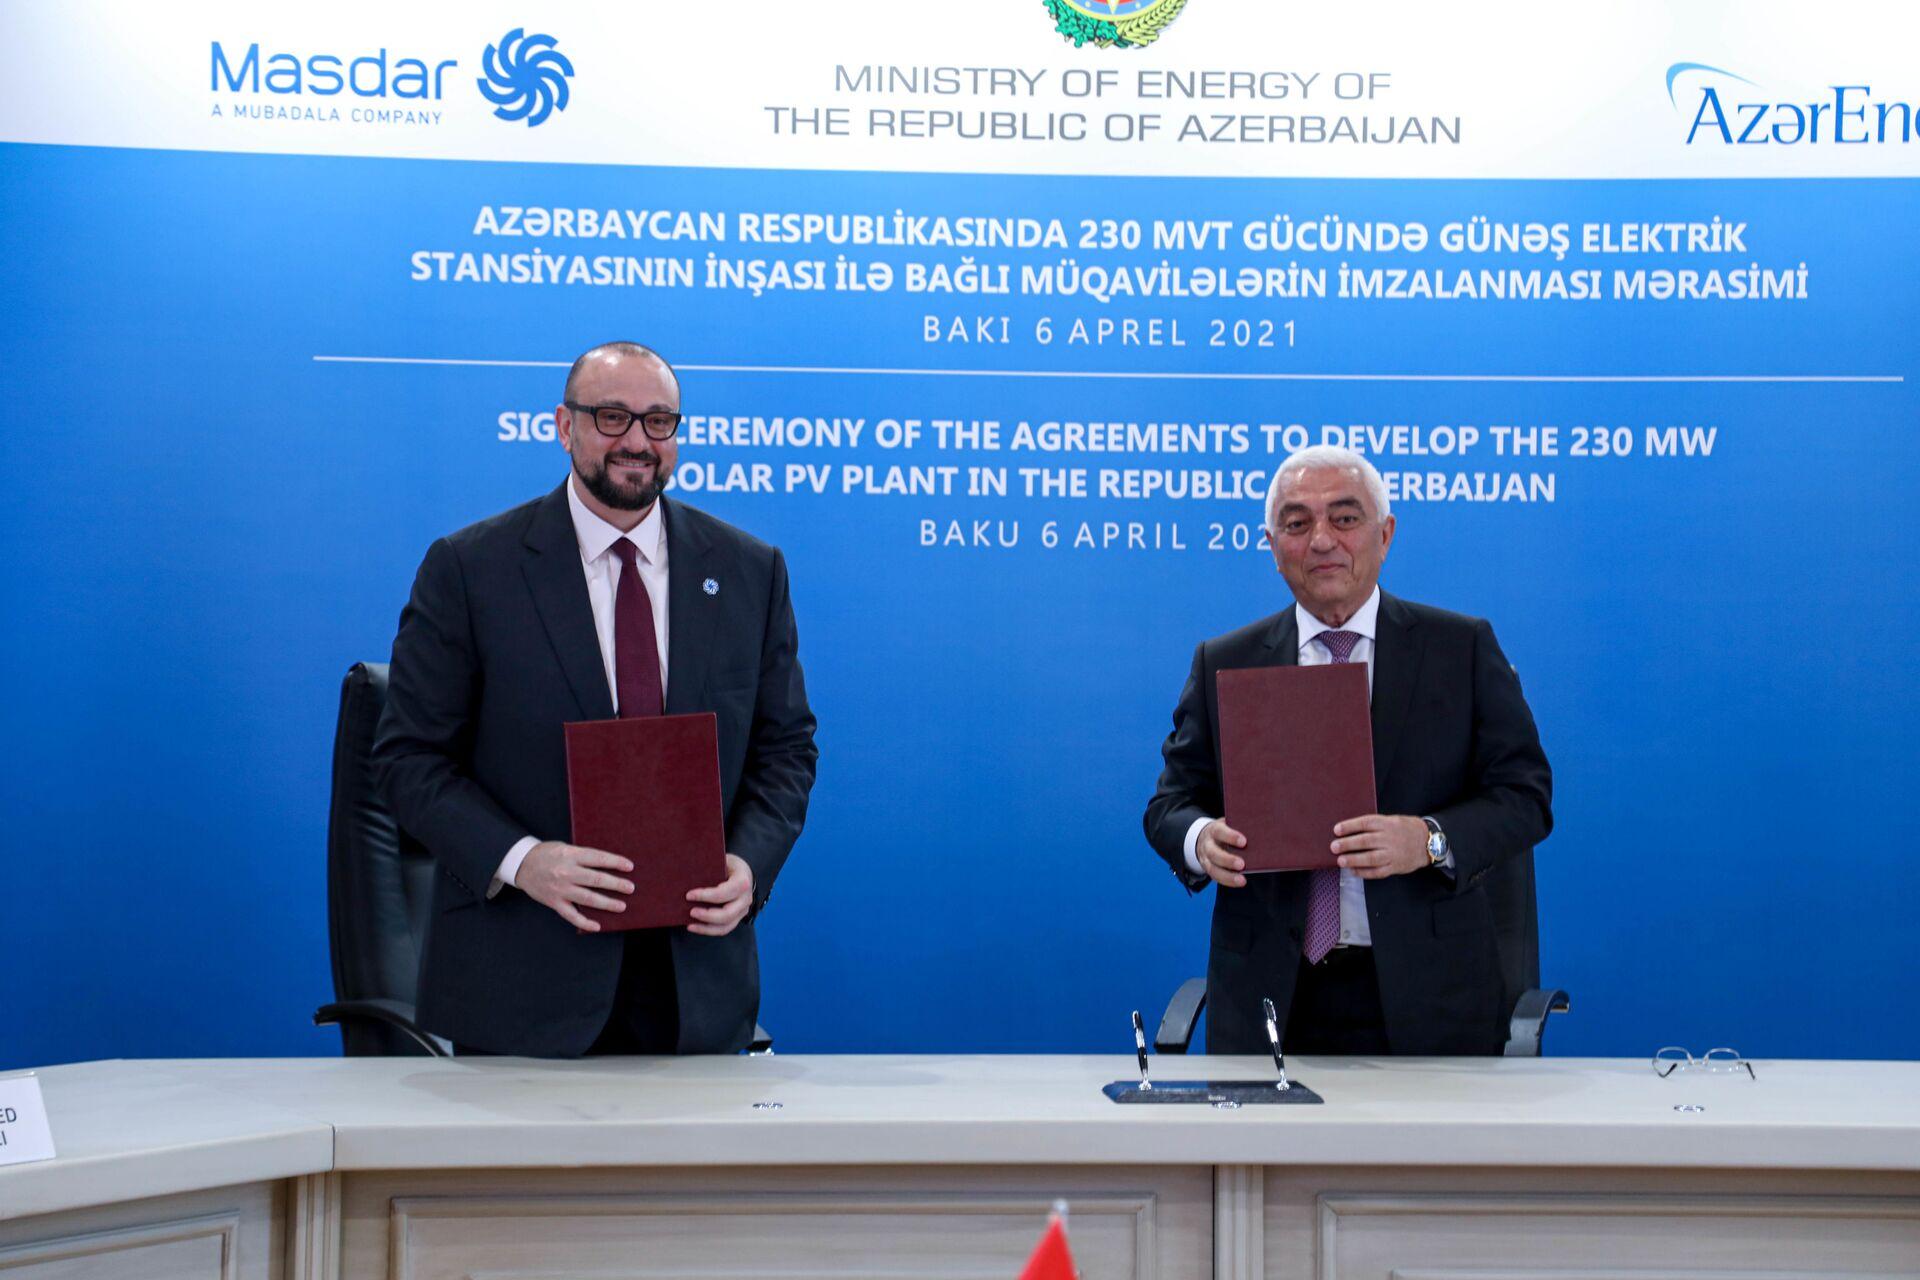 Азербайджан договорился о строительстве солнечной электростанции с компанией из ОАЭ - Sputnik Азербайджан, 1920, 07.04.2021